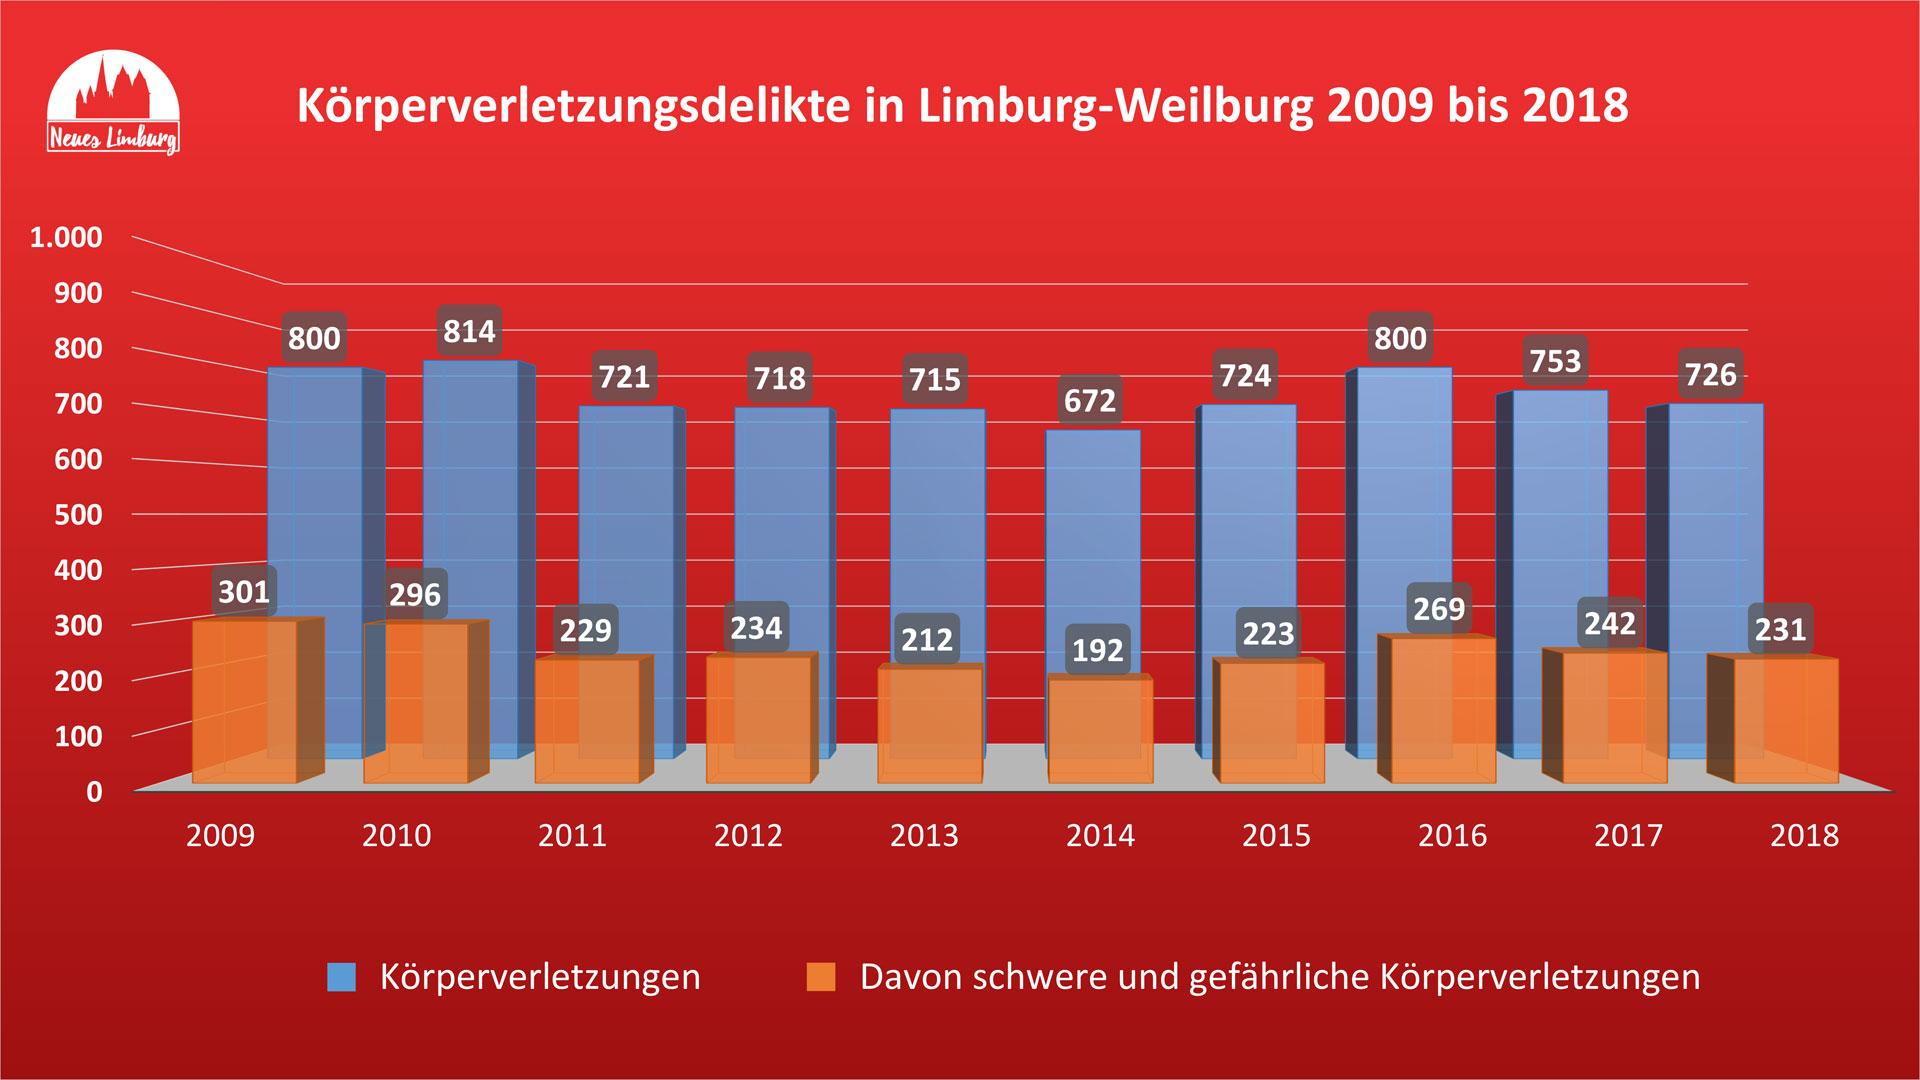 Körperverletzungsdelikte in Limburg-Weilburg 2009 bis 2018. © Neues Limburg